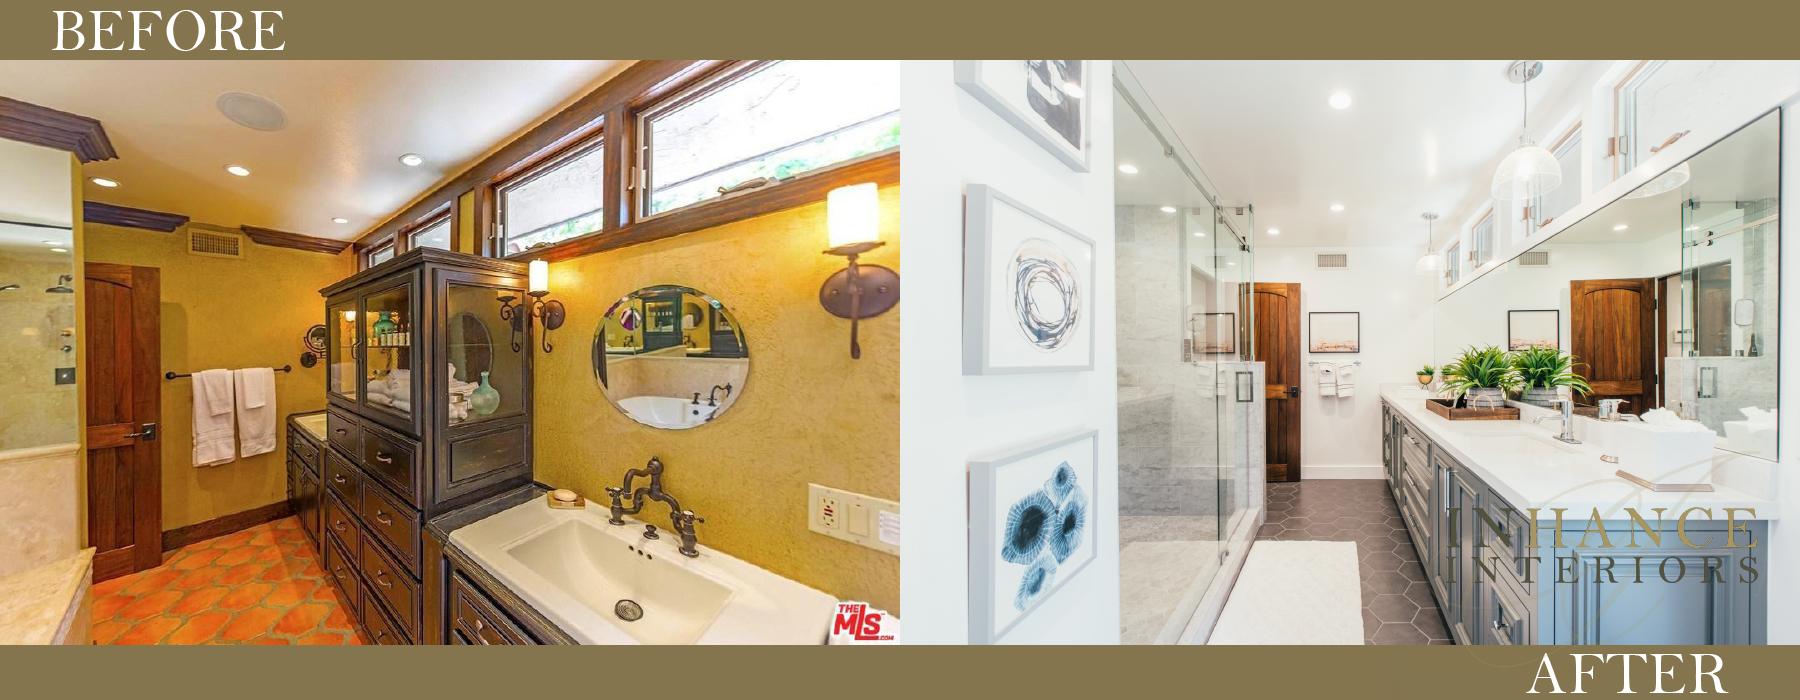 N.Vista_BeforeAfter_Bathroom.jpg